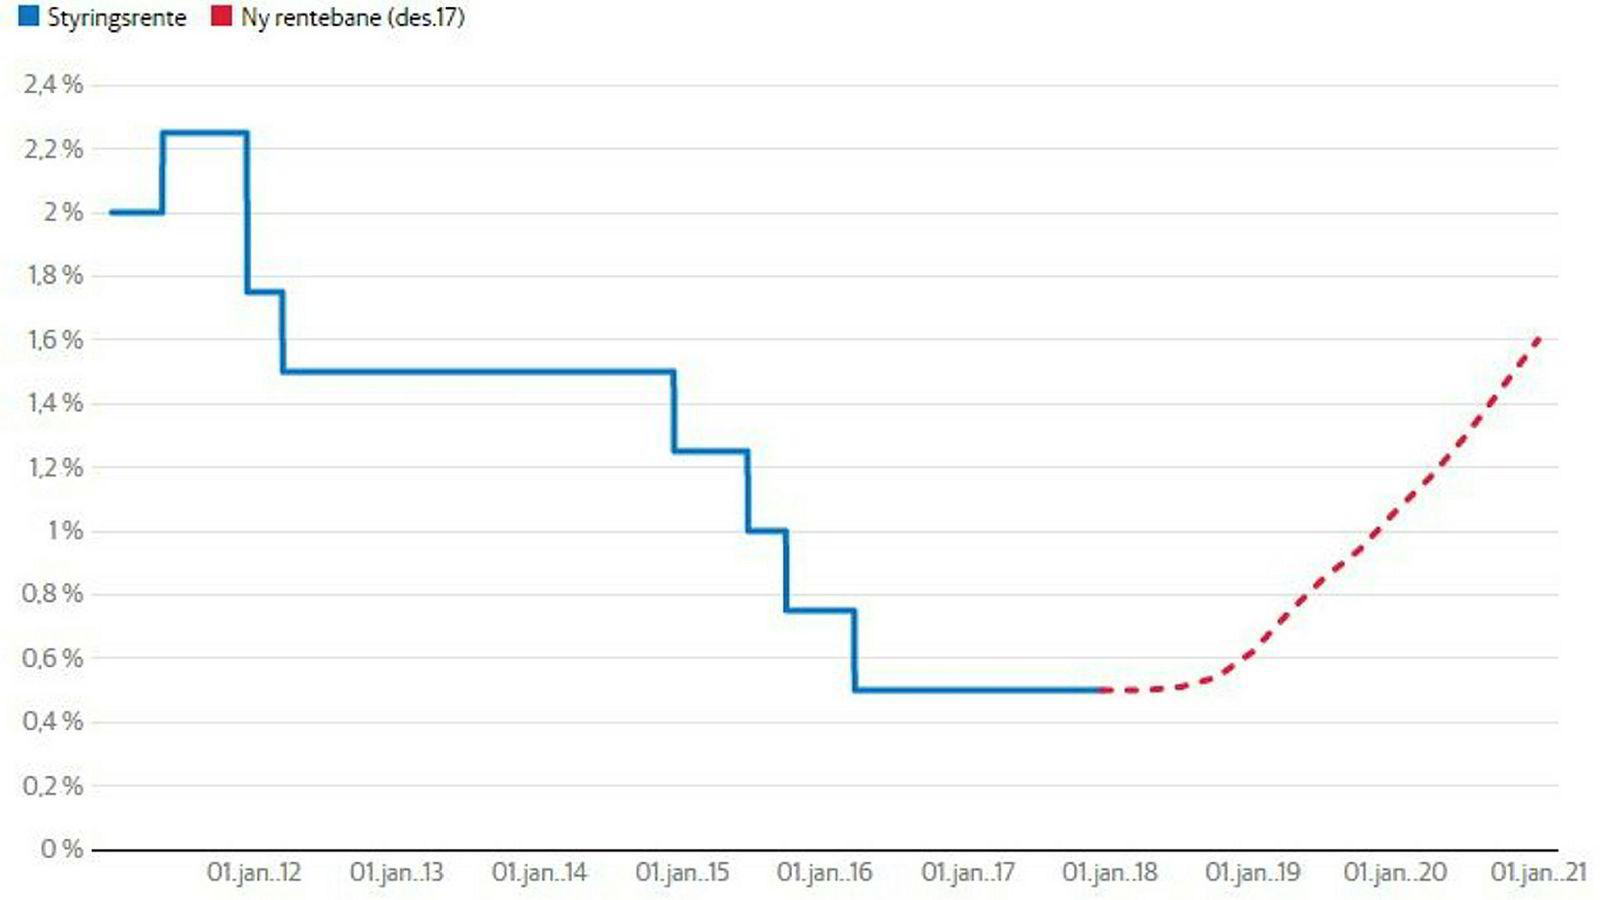 Norges Banks nye rentebane viser at renten vil raskere opp enn tidligere signalisert.